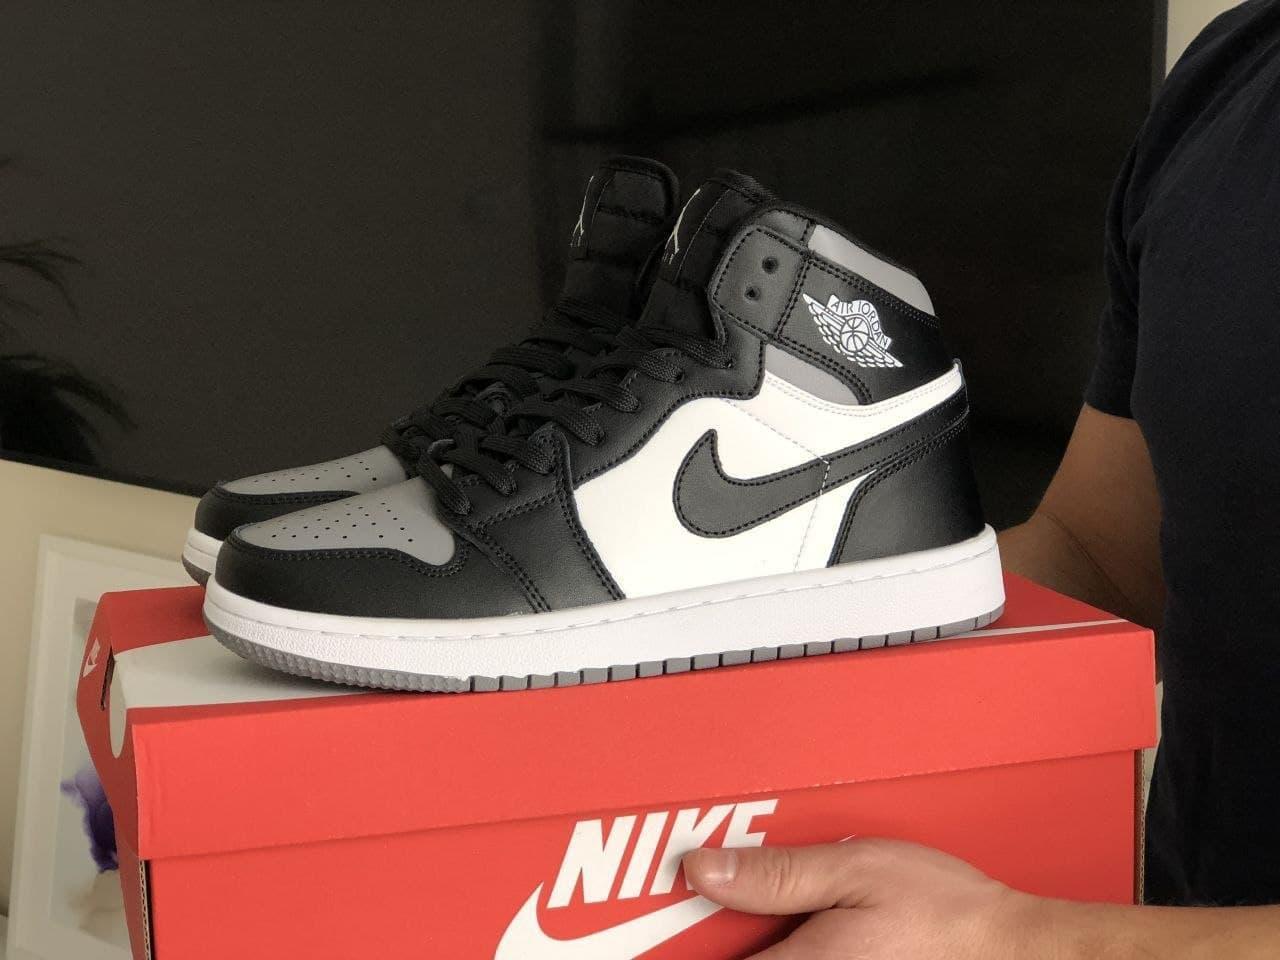 Кроссовки  в стиле N1k Air Jordan черные | белые 41, 42, 43, 44, 45, 46